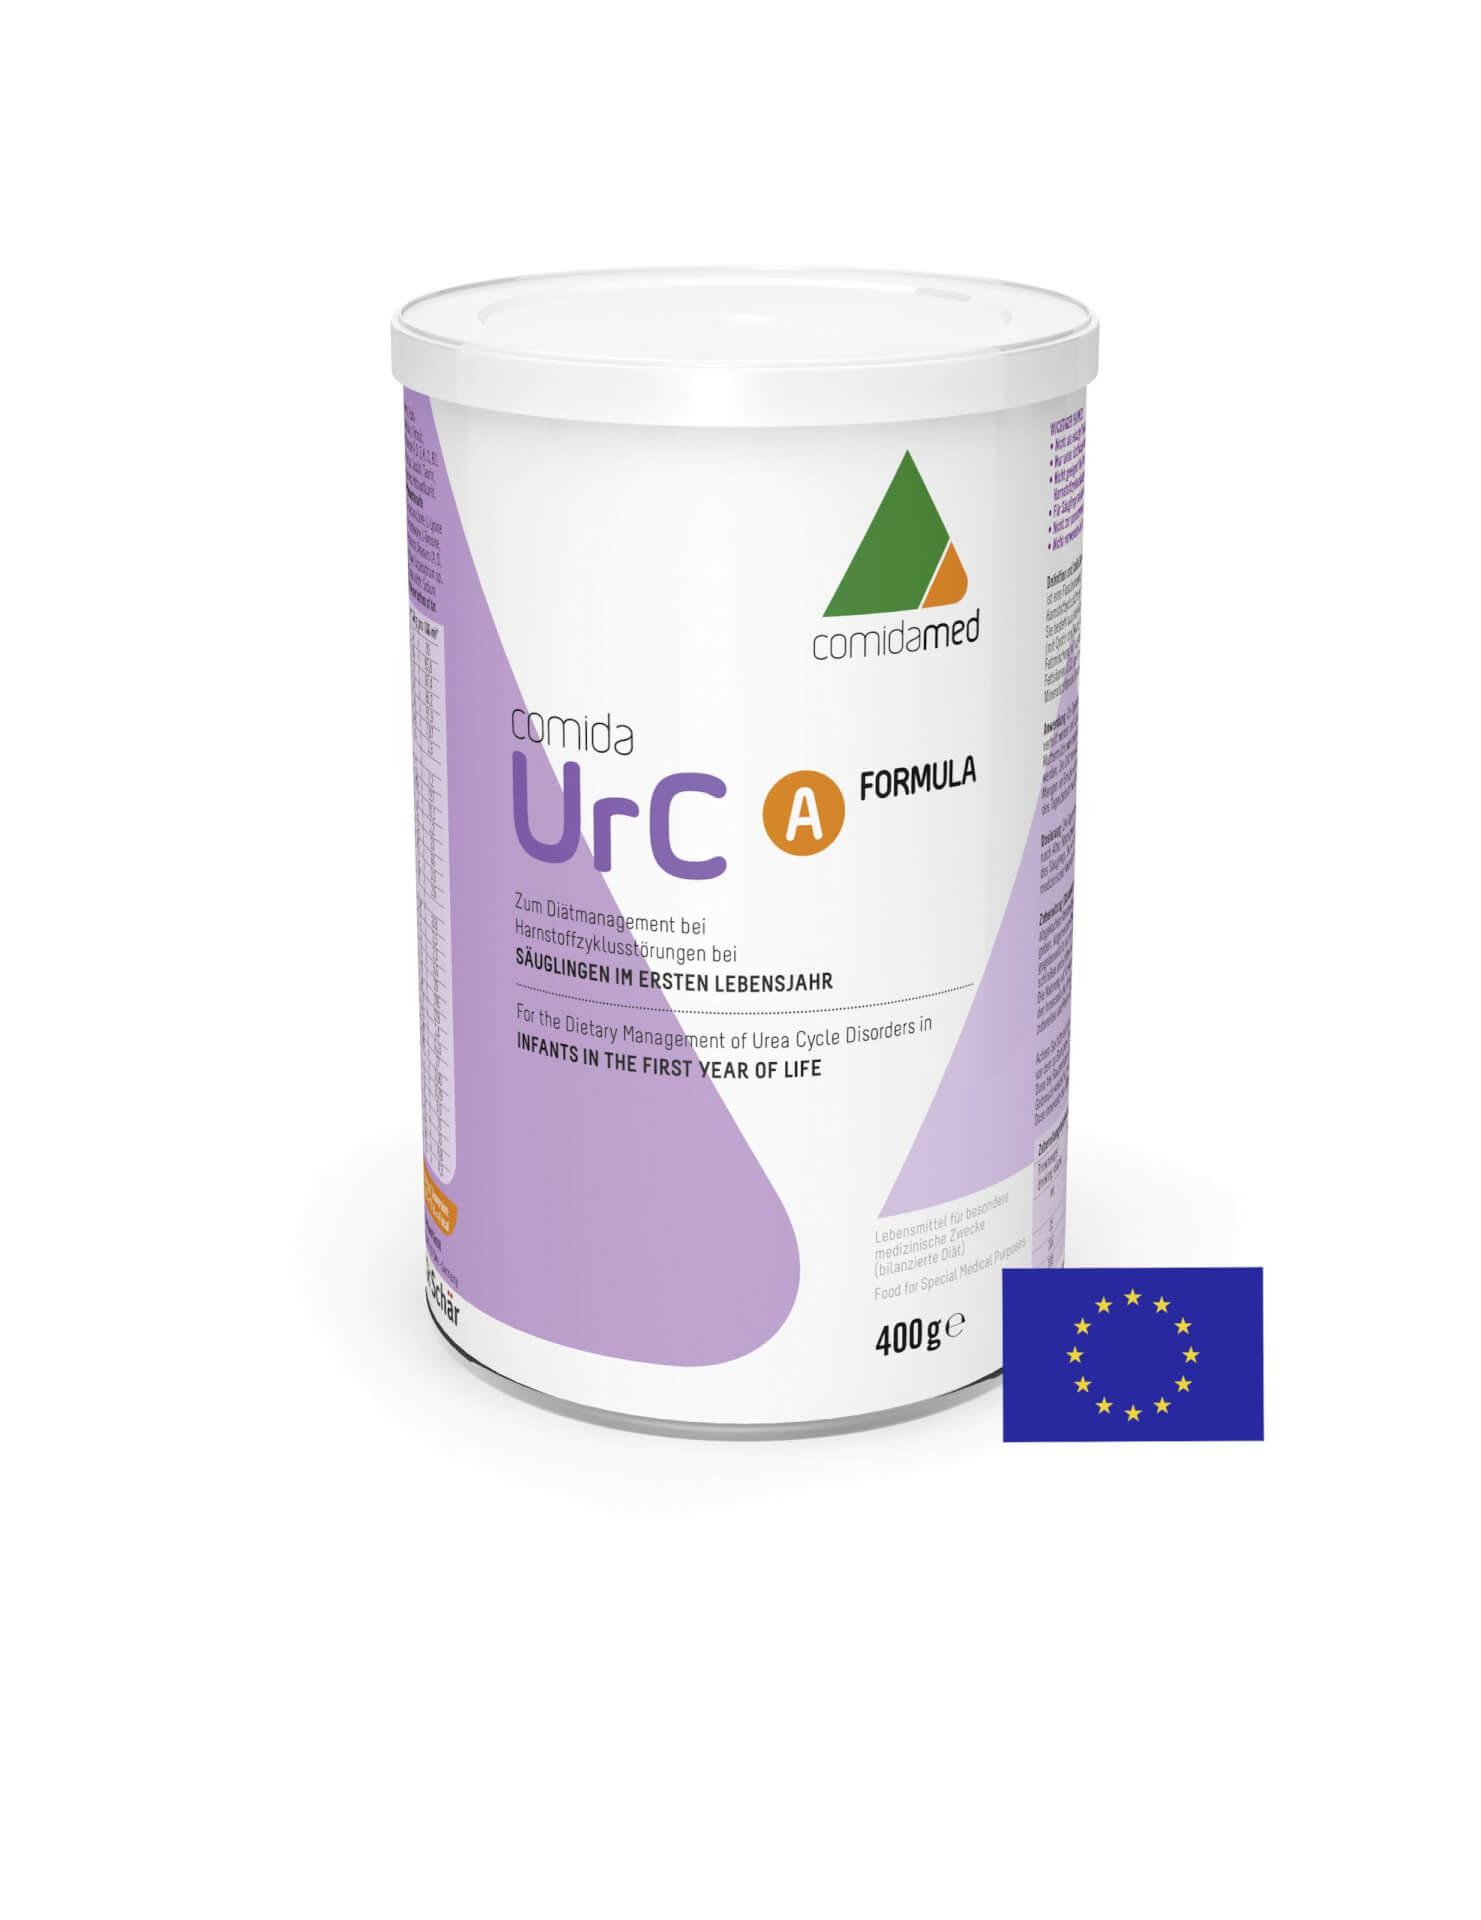 comida-UrC A FORMULA (EU)